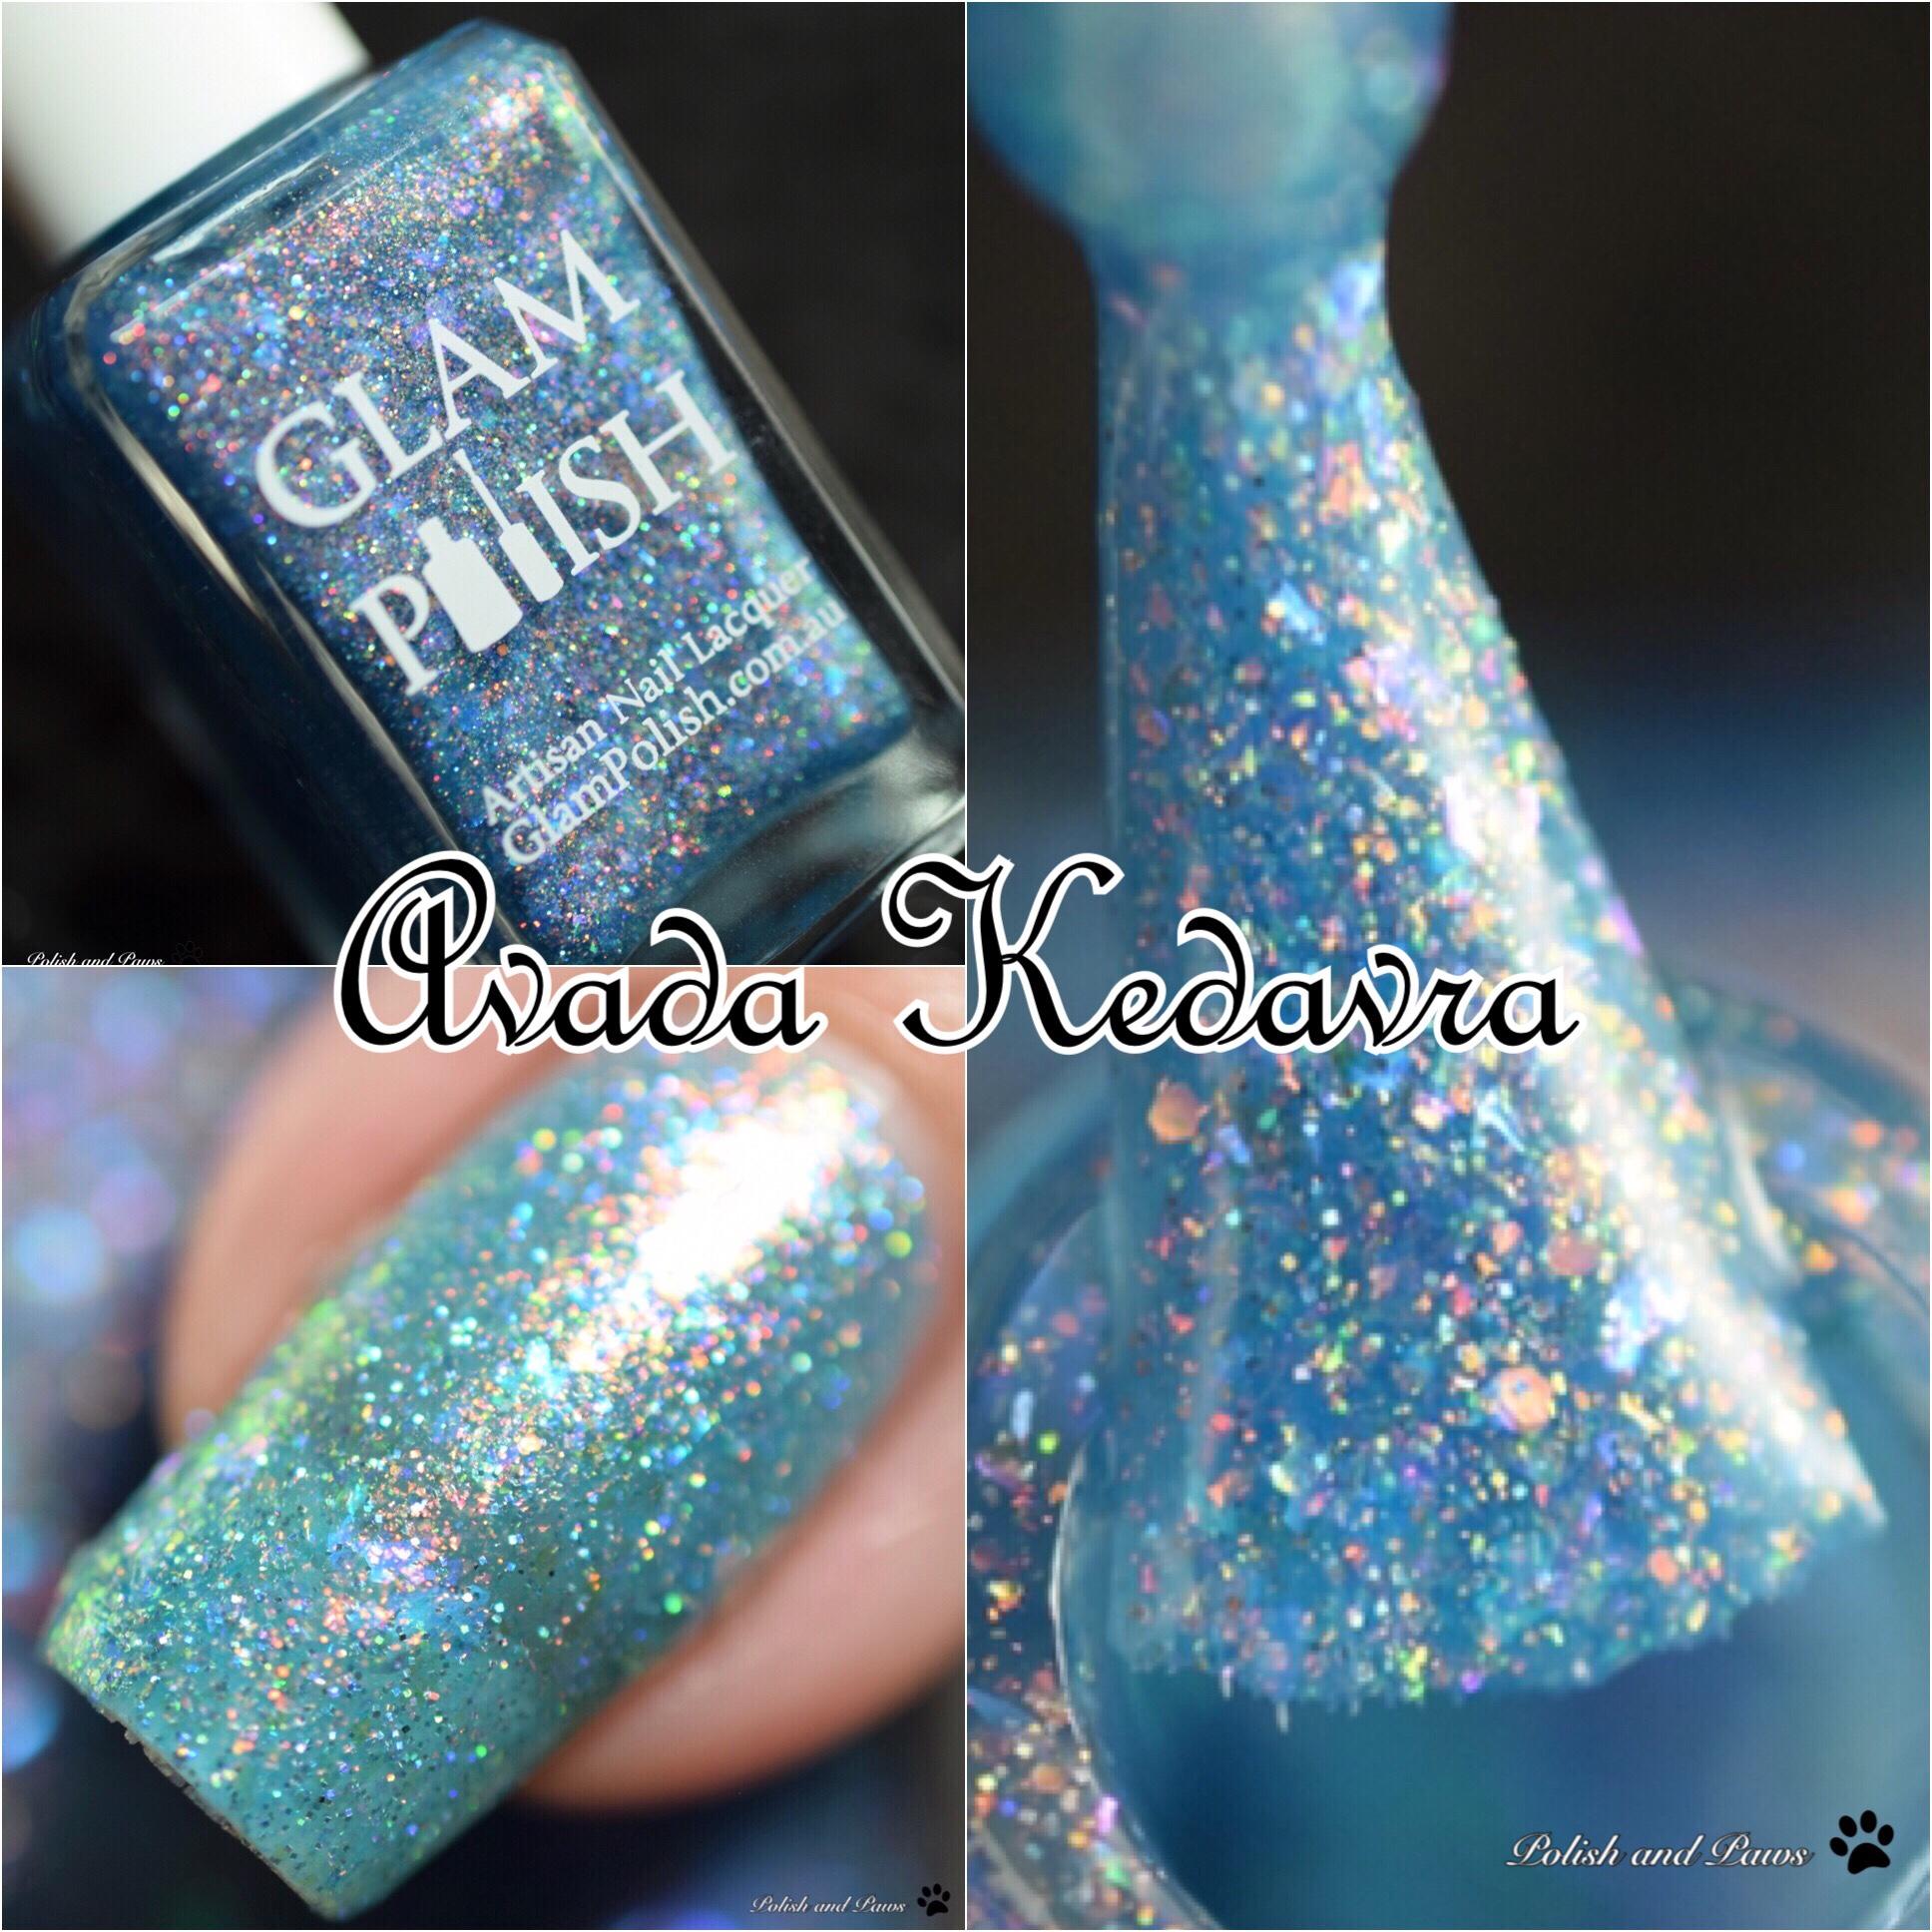 Glam Polish Avada Kedavra